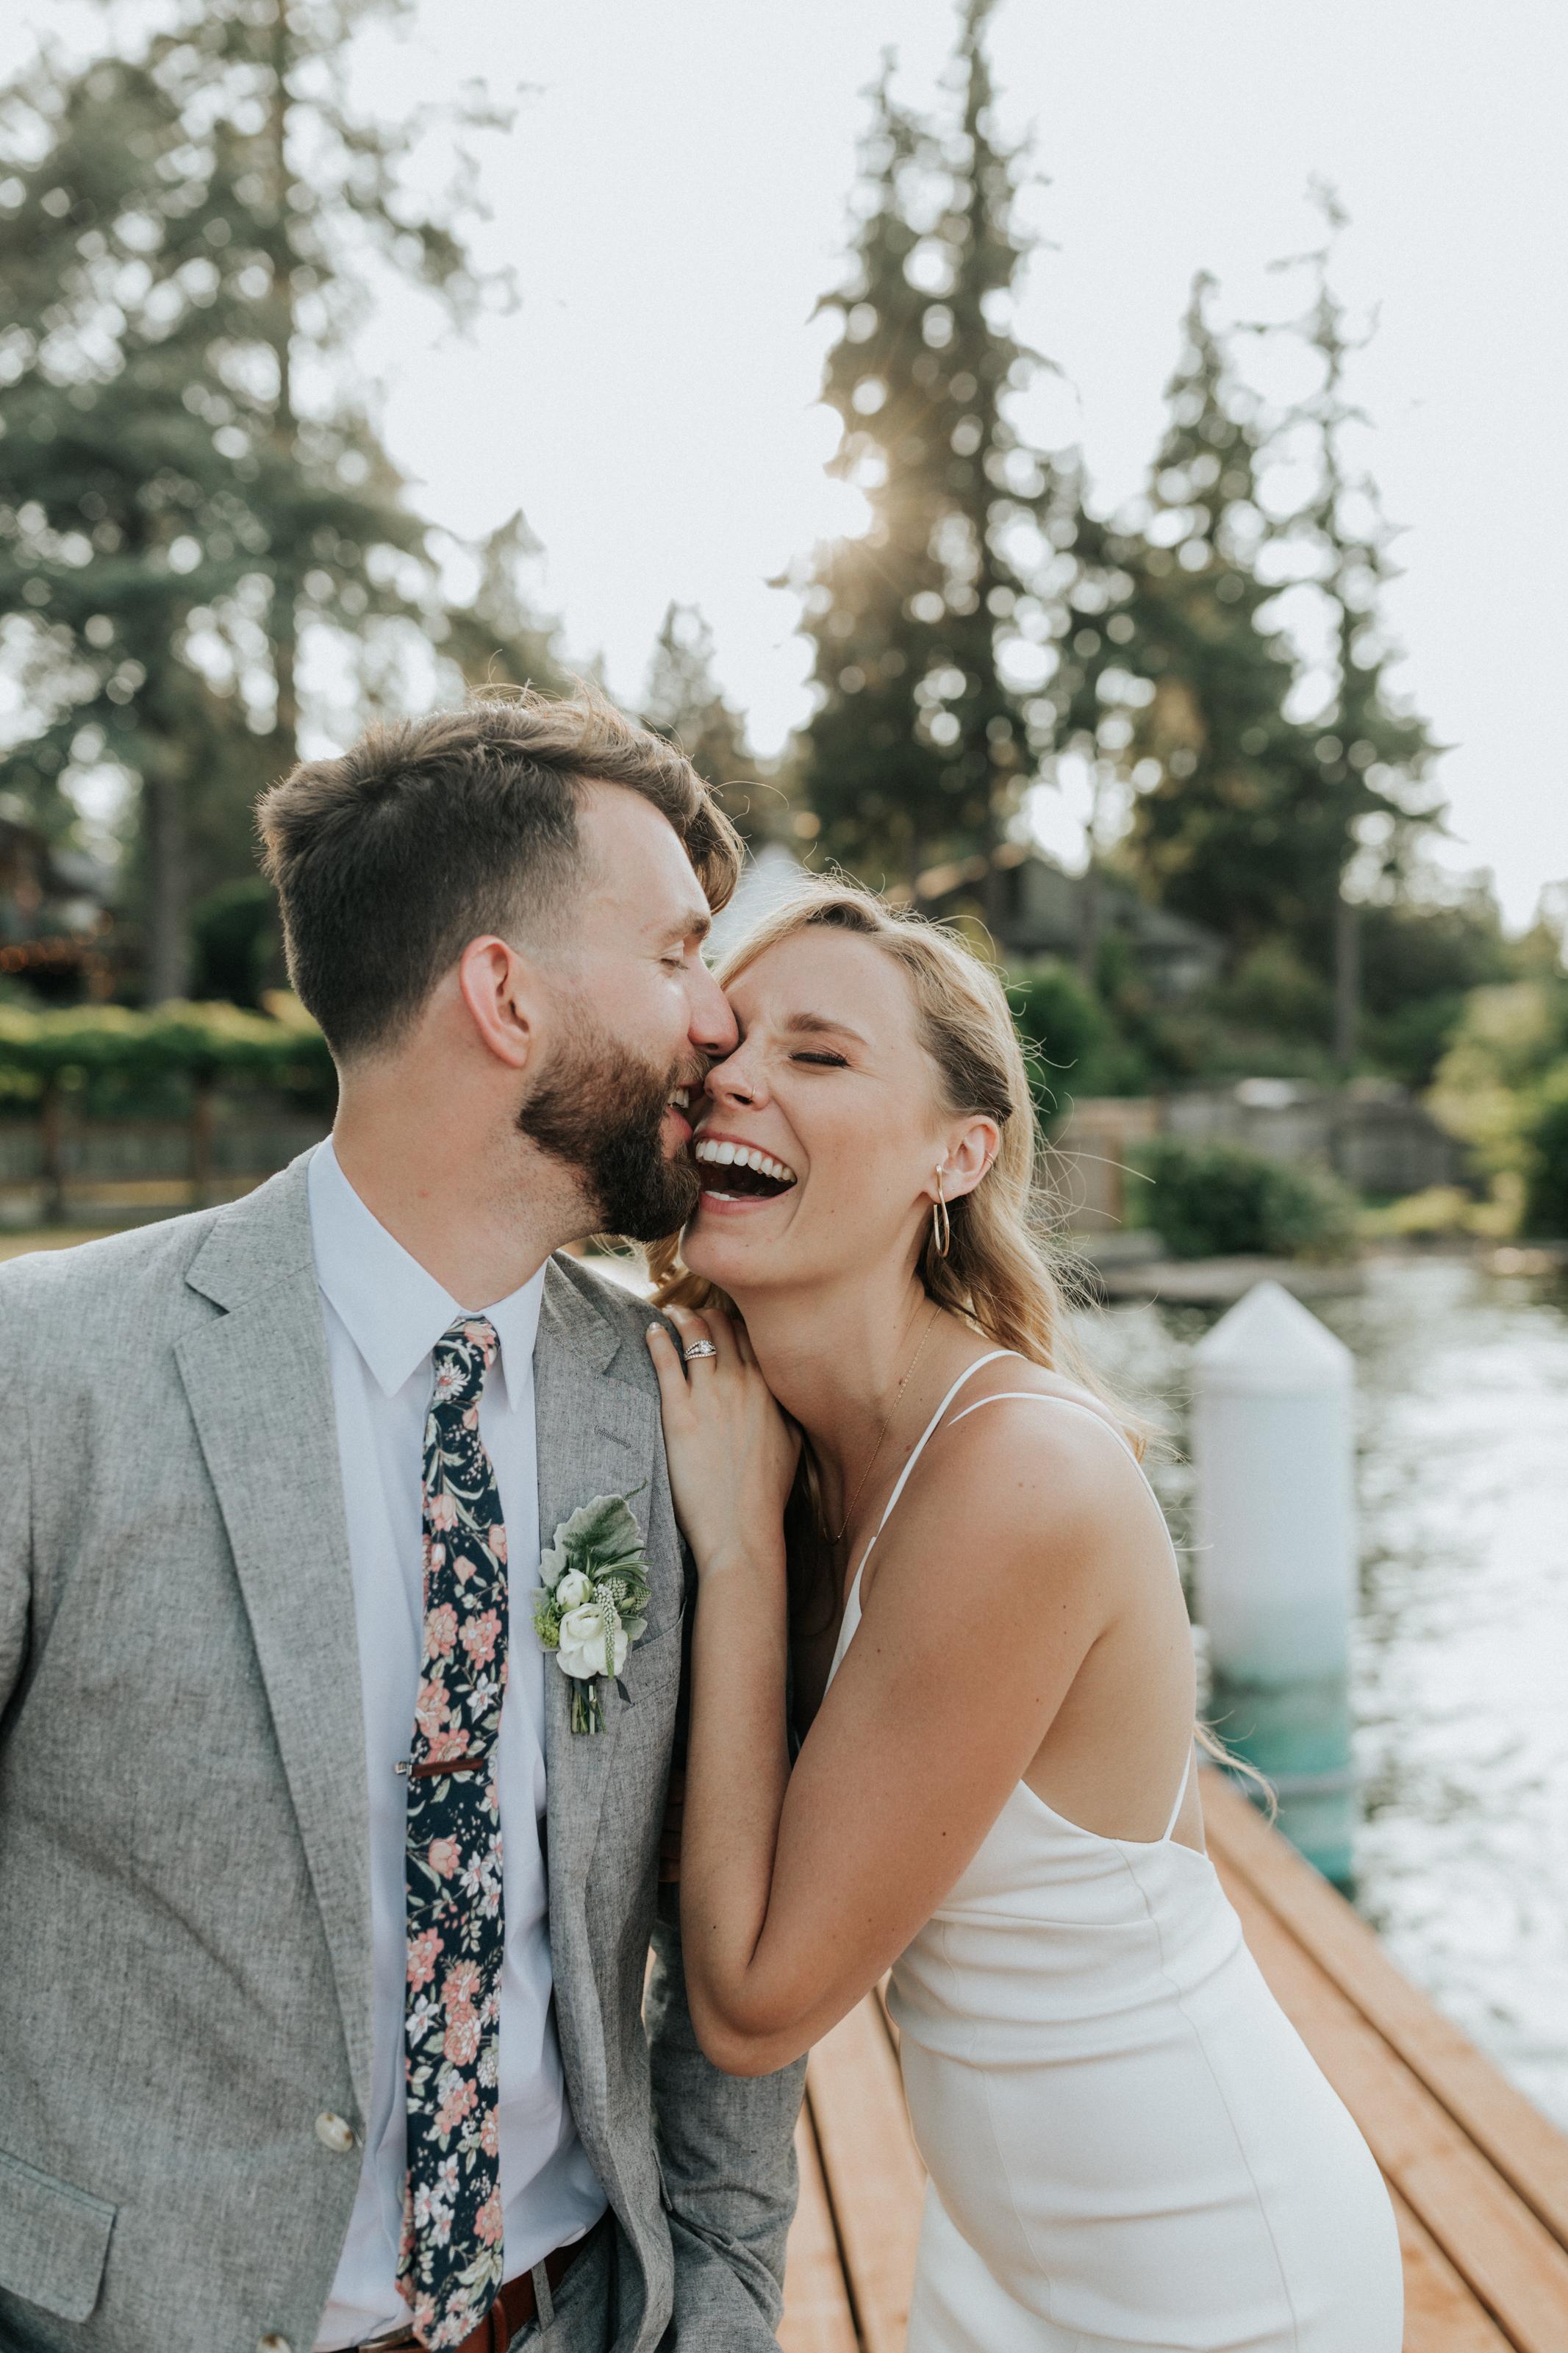 EmilyKeeneyPhotography_seattle_wedding_photographer_7.2019-3.jpg